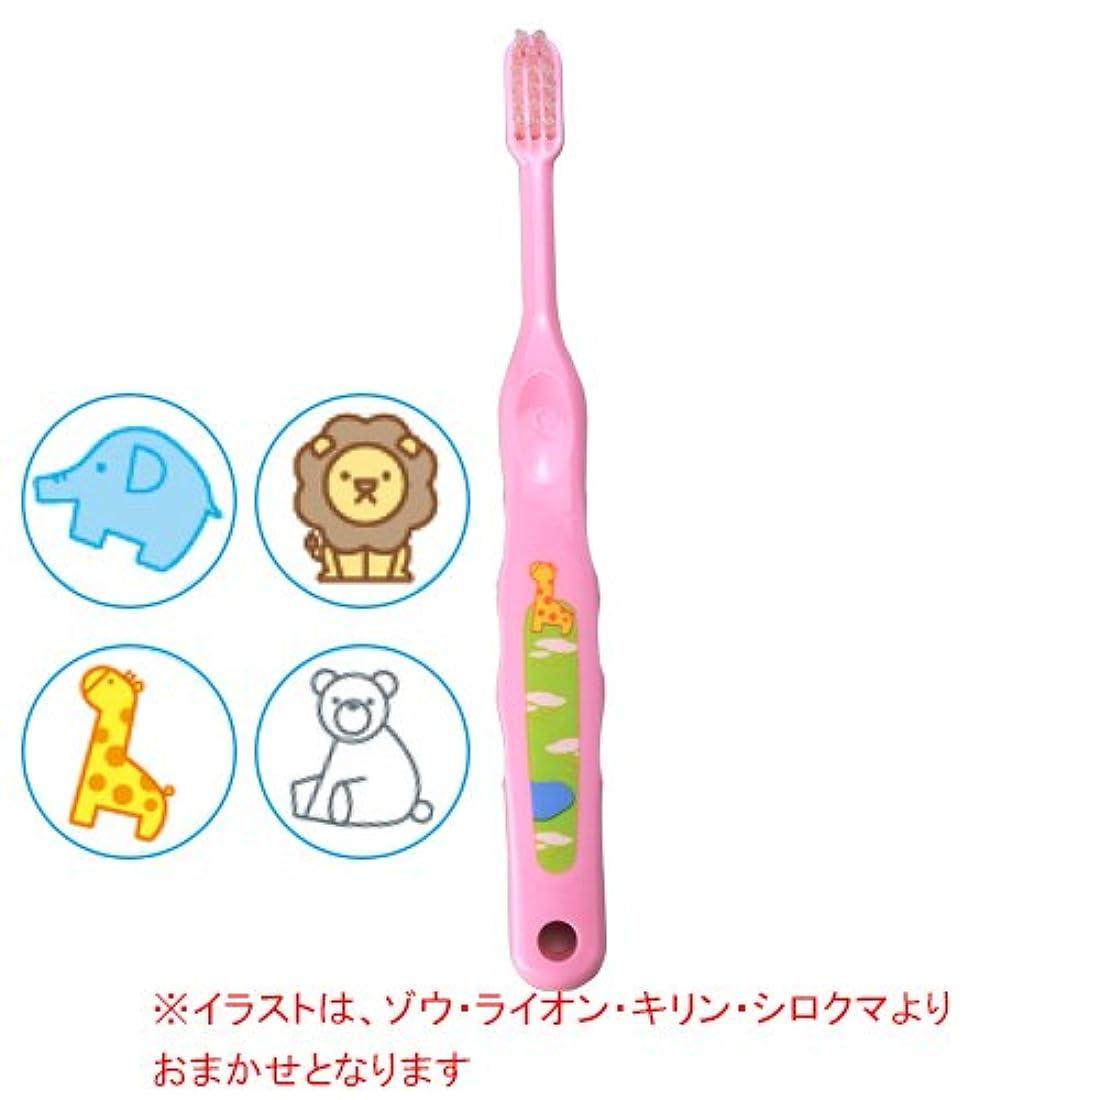 十価格全員Ciメディカル Ci なまえ歯ブラシ 503 (やわらかめ) (乳児から小学生向)1本 (ピンク)